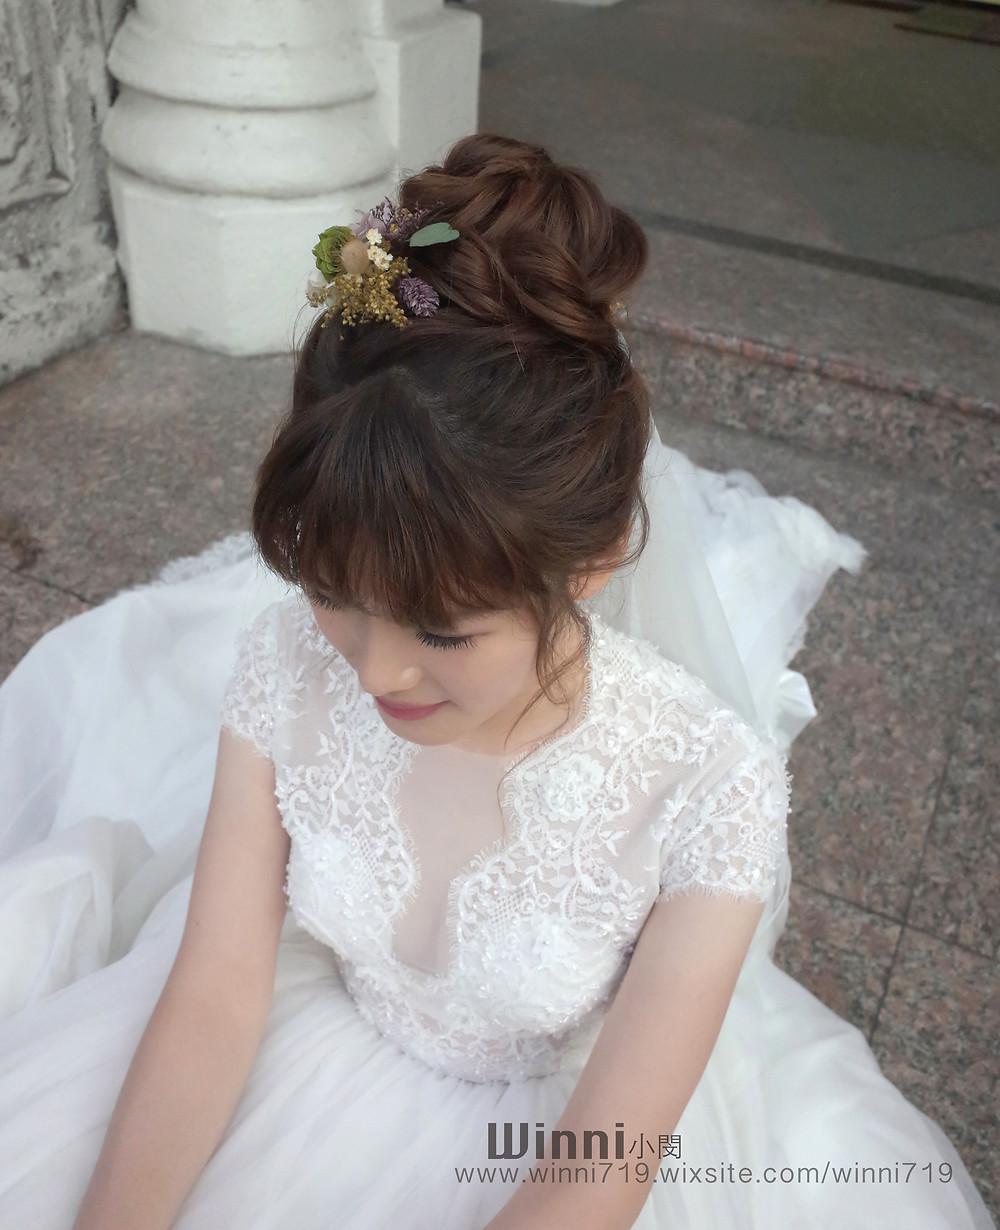 #白紗造型 #新娘造型 #低盤髮造型 #新娘妝 #短髮新娘 #編髮 #長頭紗  #永生花髮飾 #乾燥花髮飾 #韓系妝髮 #高盤髮